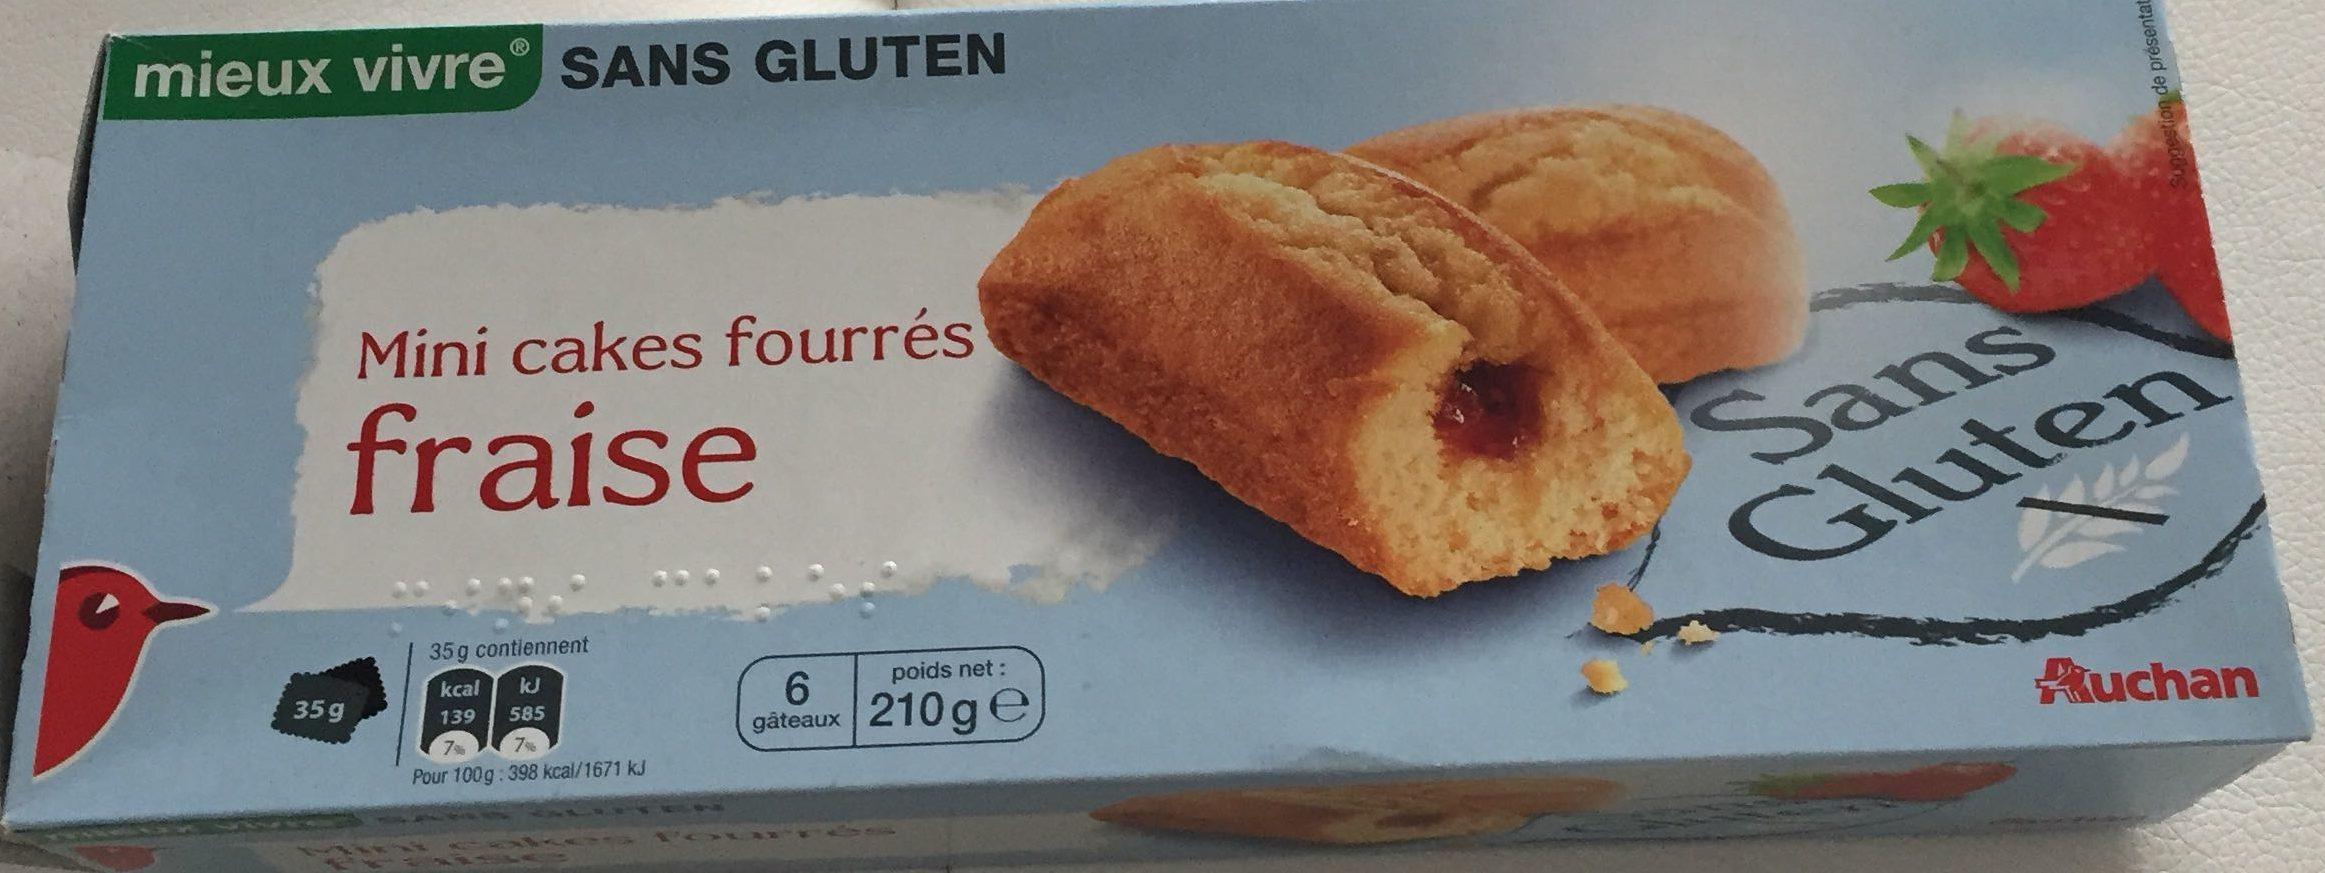 Mini Cakes Fourrés Fraise - Produit - fr